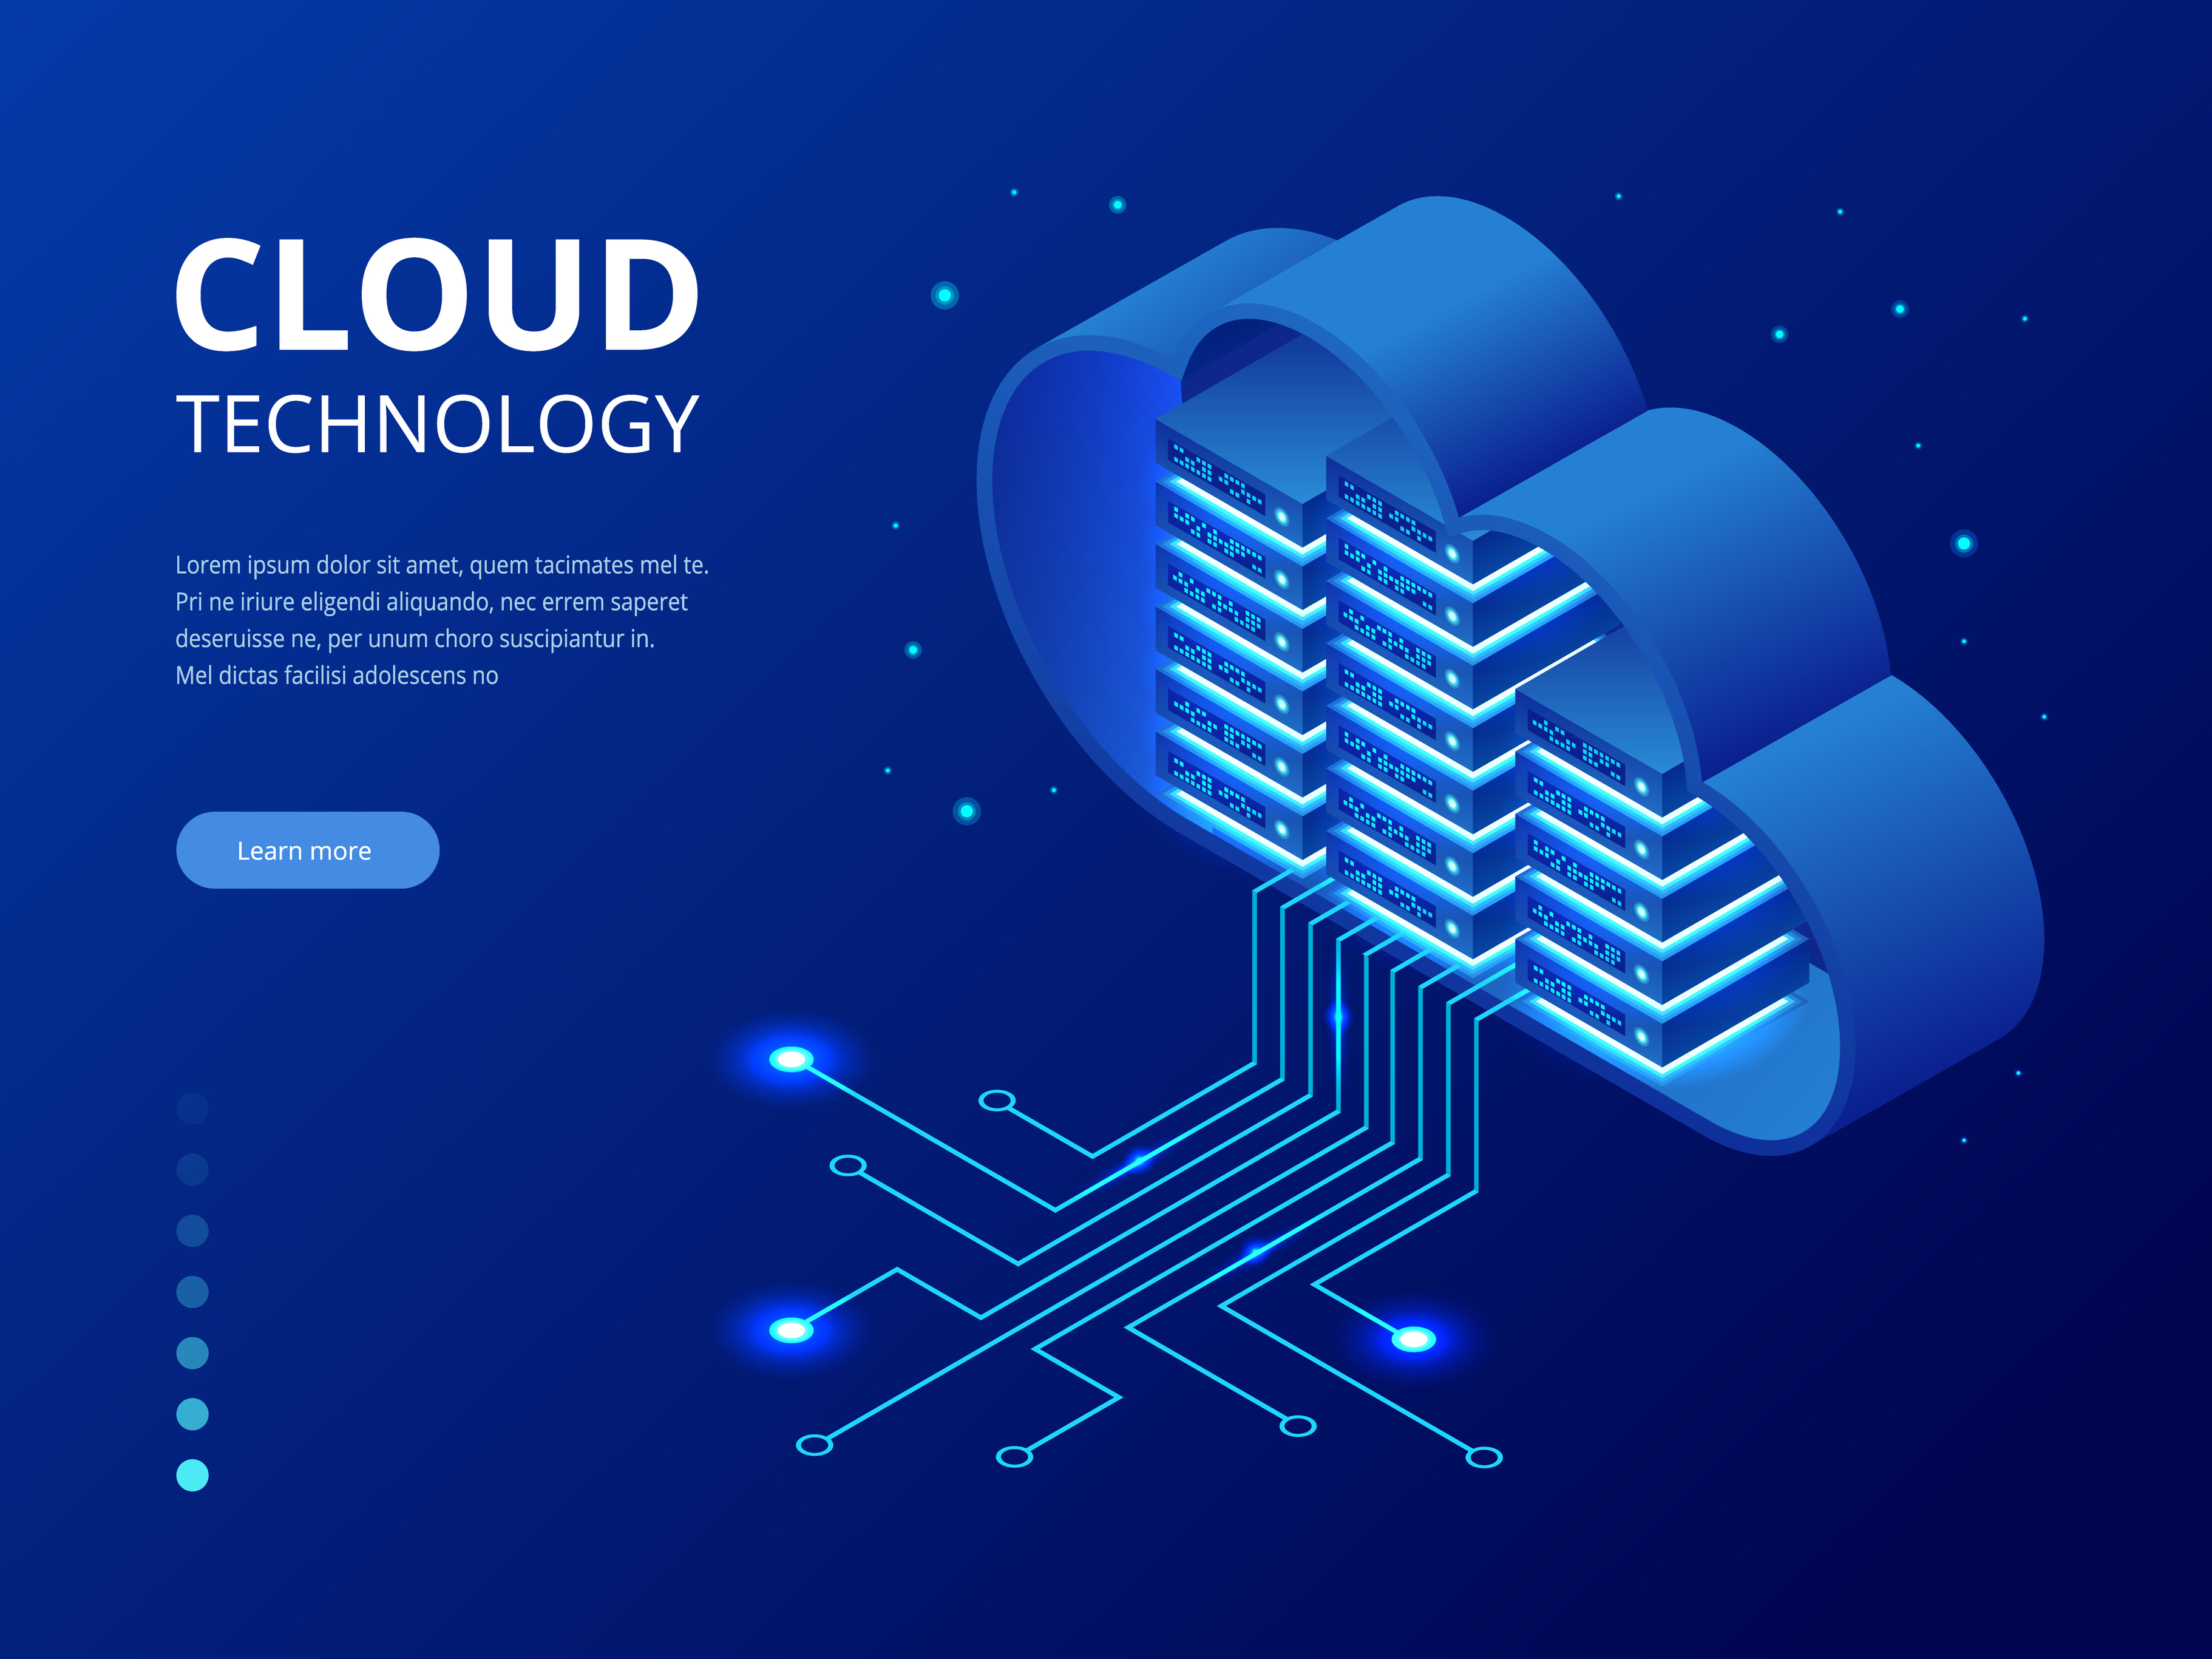 IBMはSamsung 7nmTechを使用データセンターとクラウドサーバーに提供